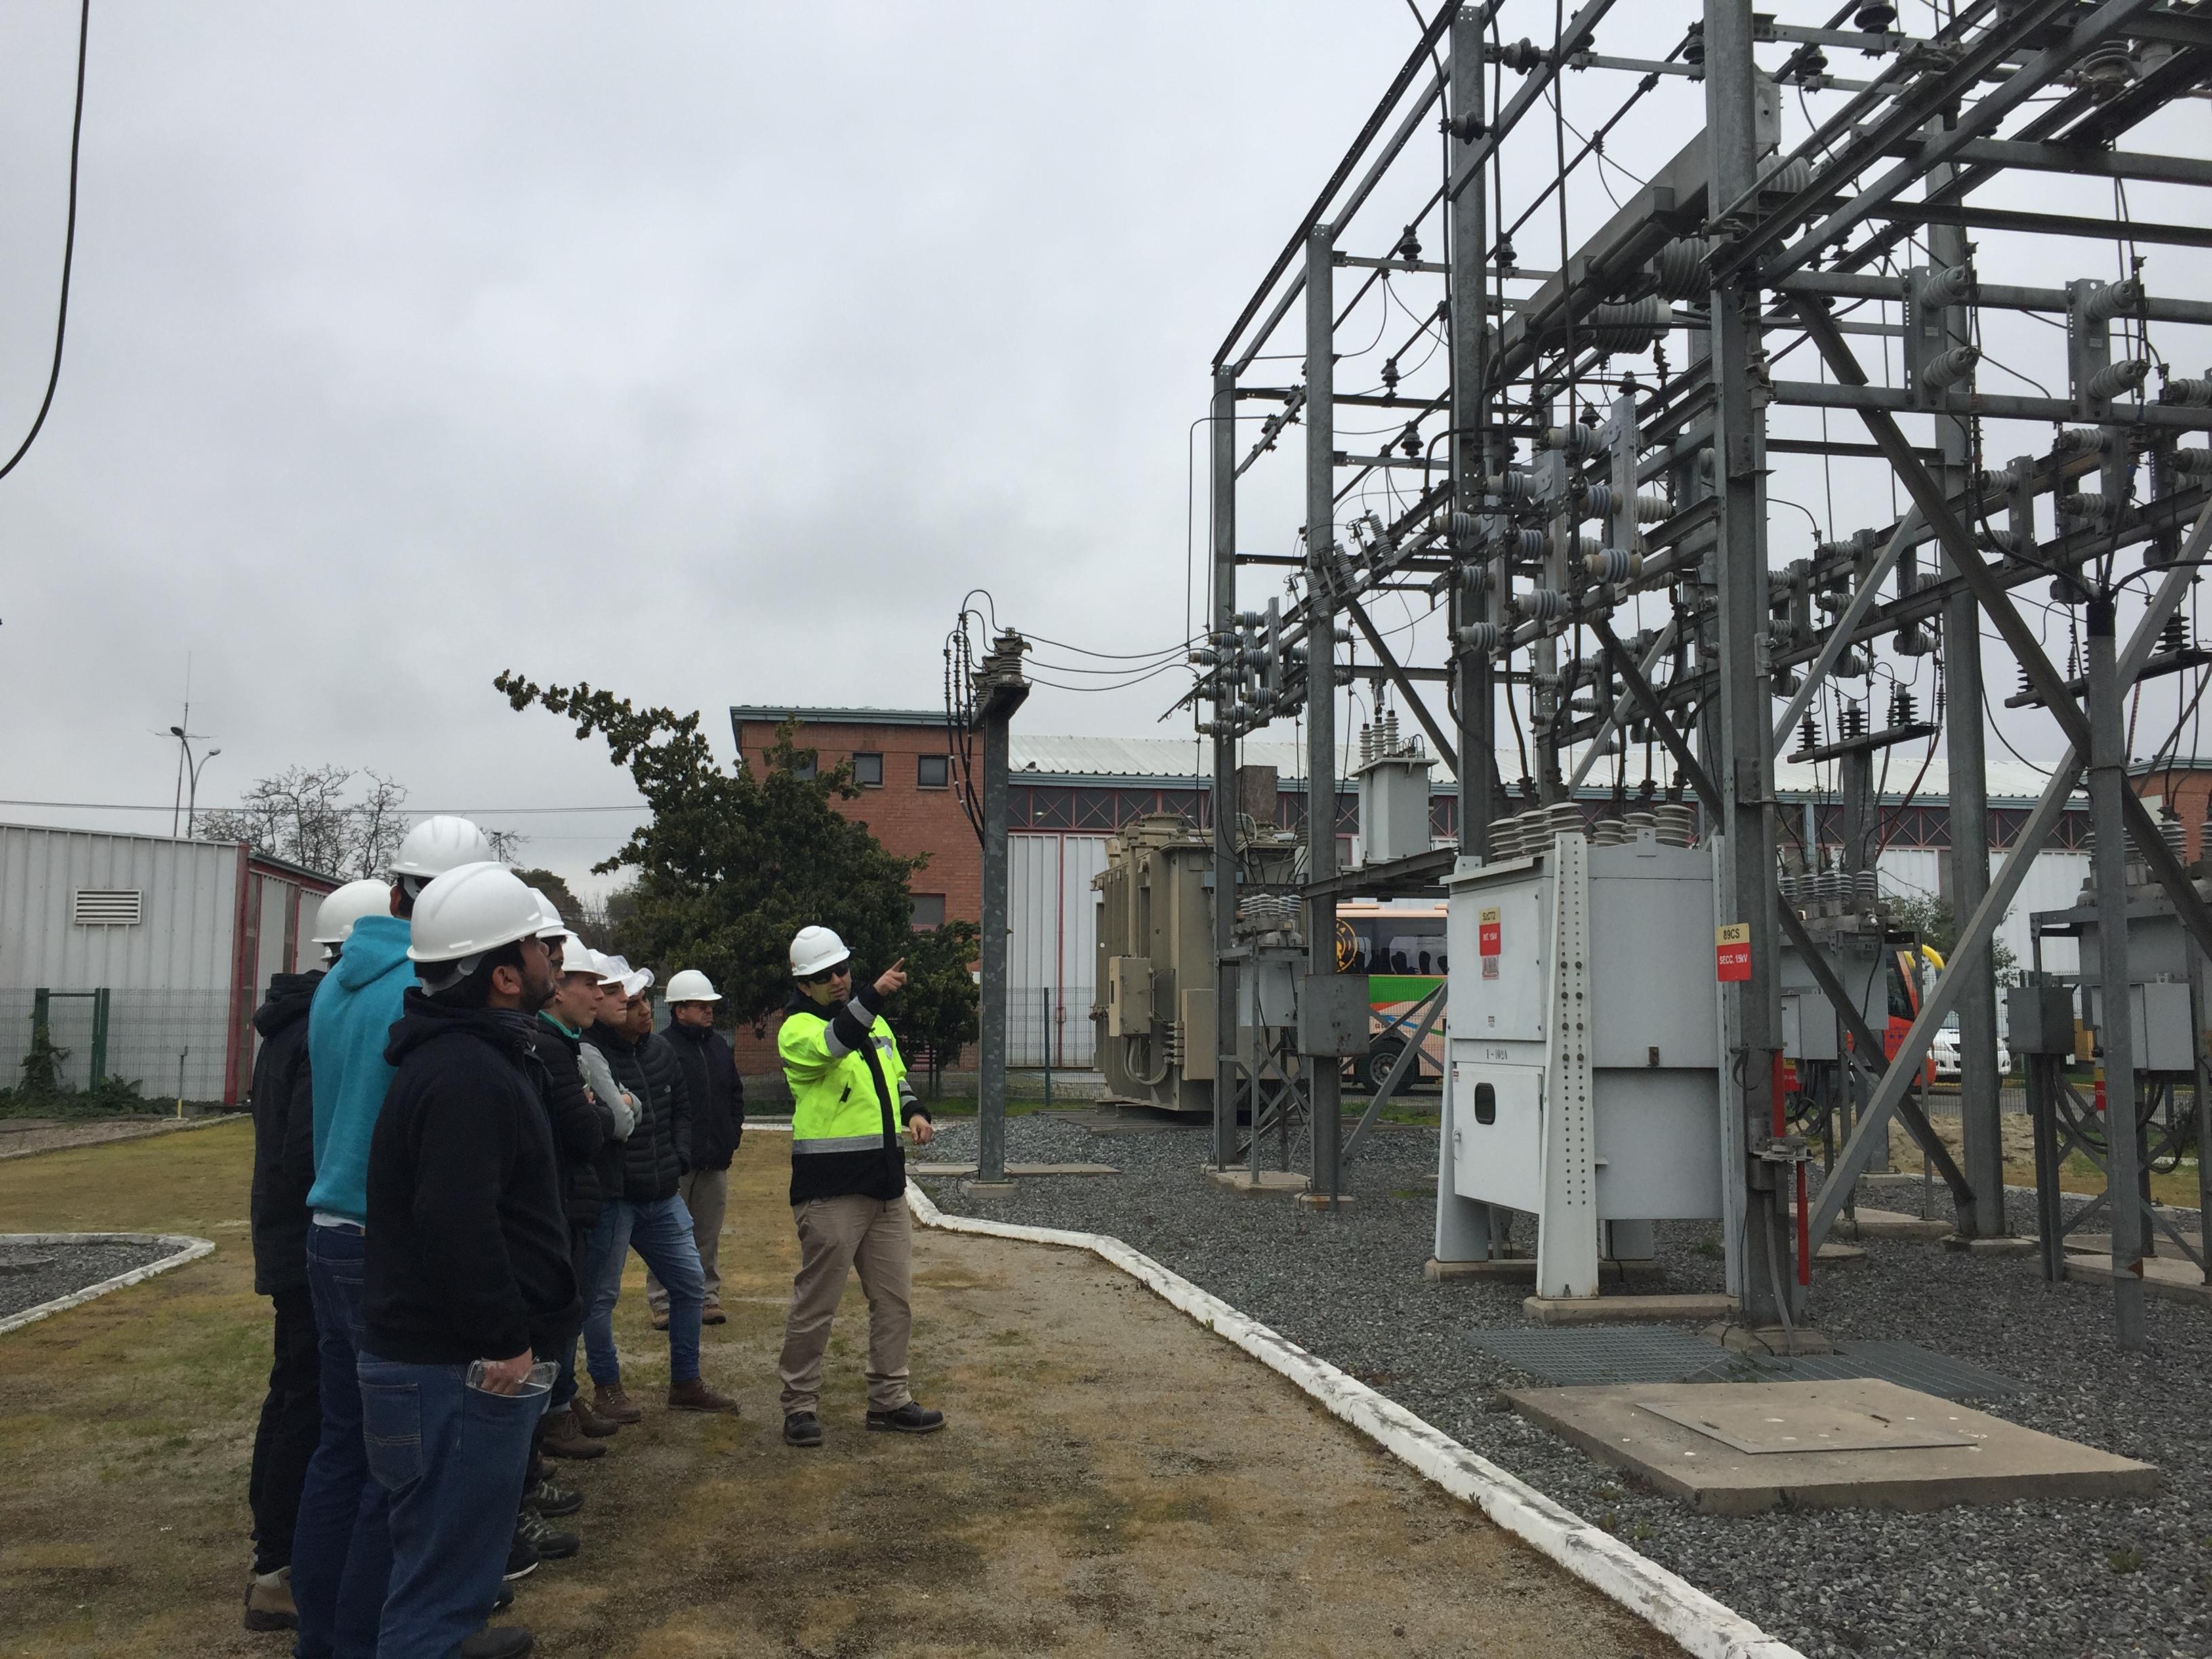 Alumnos de INACAP Rancagua refuerzan conocimientos en sistemas de transmisión eléctricos de CGE